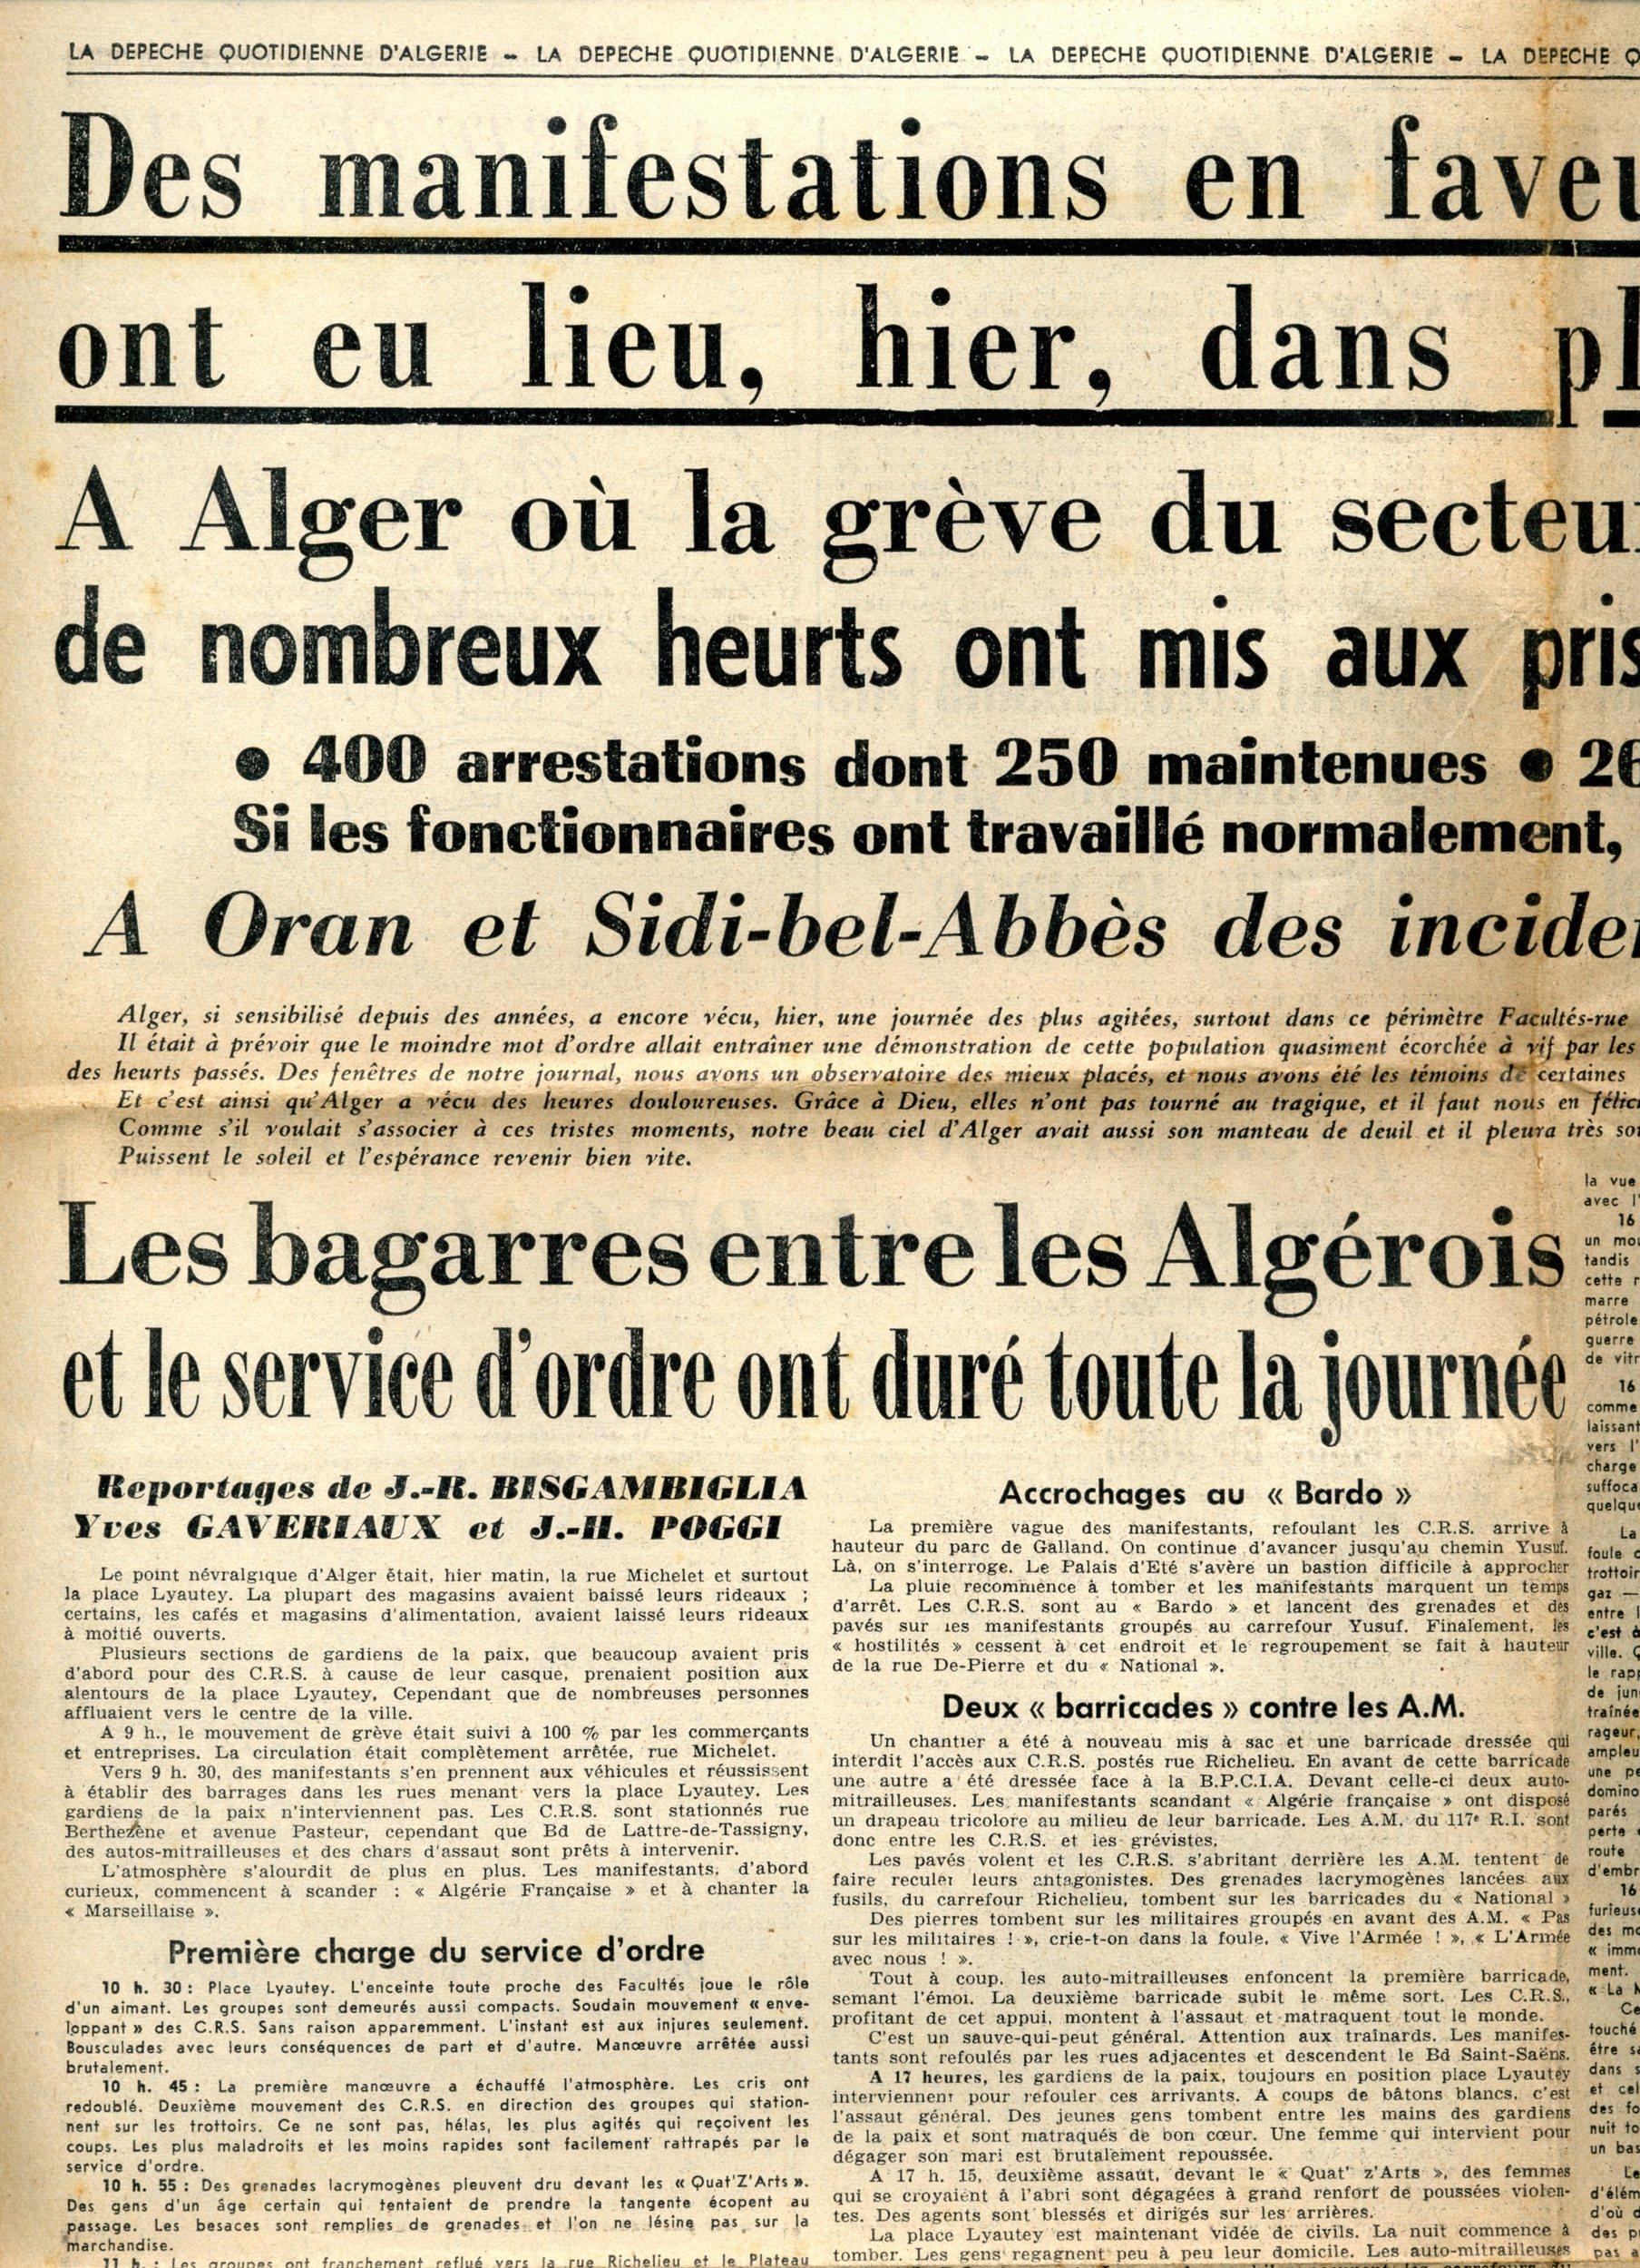 REC_MAN_JOUR19_journaux coupure3r.jpg